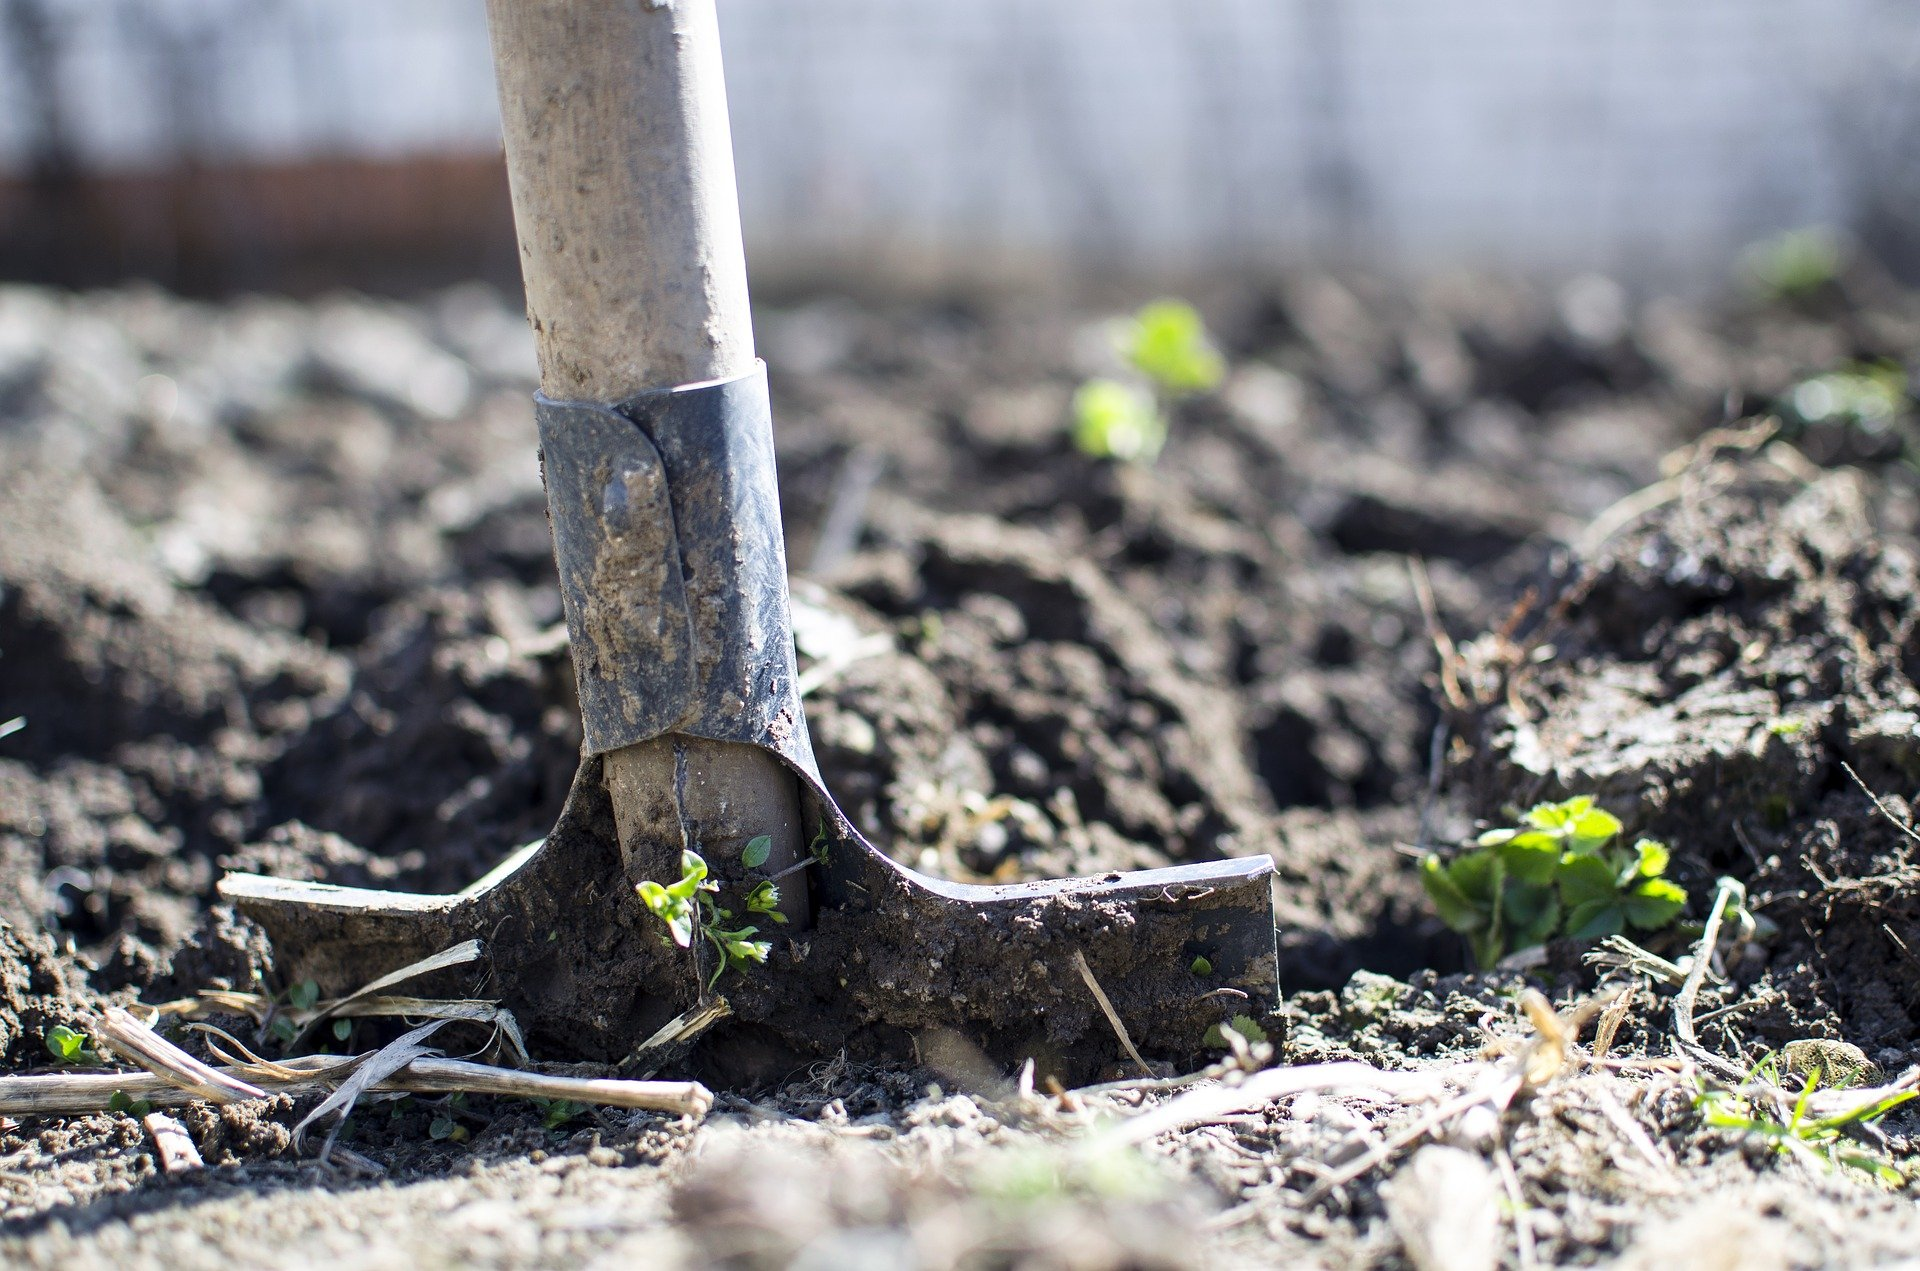 Préparer le terrain pour accueillir le futur potager pour récolter ces propres légumes.